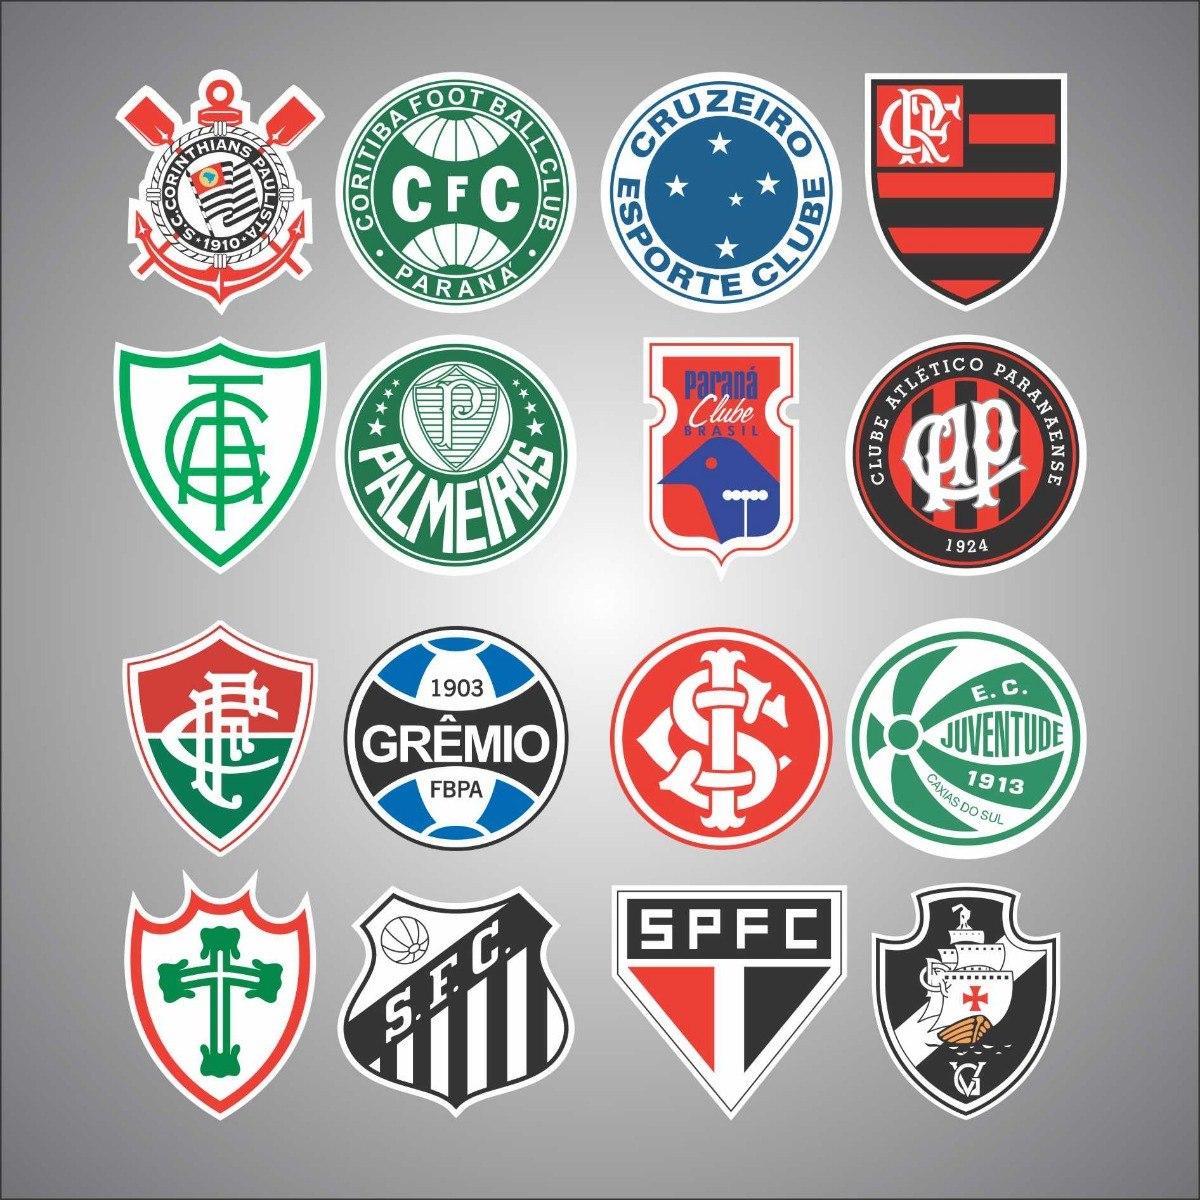 d36b679b89 01 adesivo de escudo time futebol brasileiro tamanho foto2. Carregando zoom.